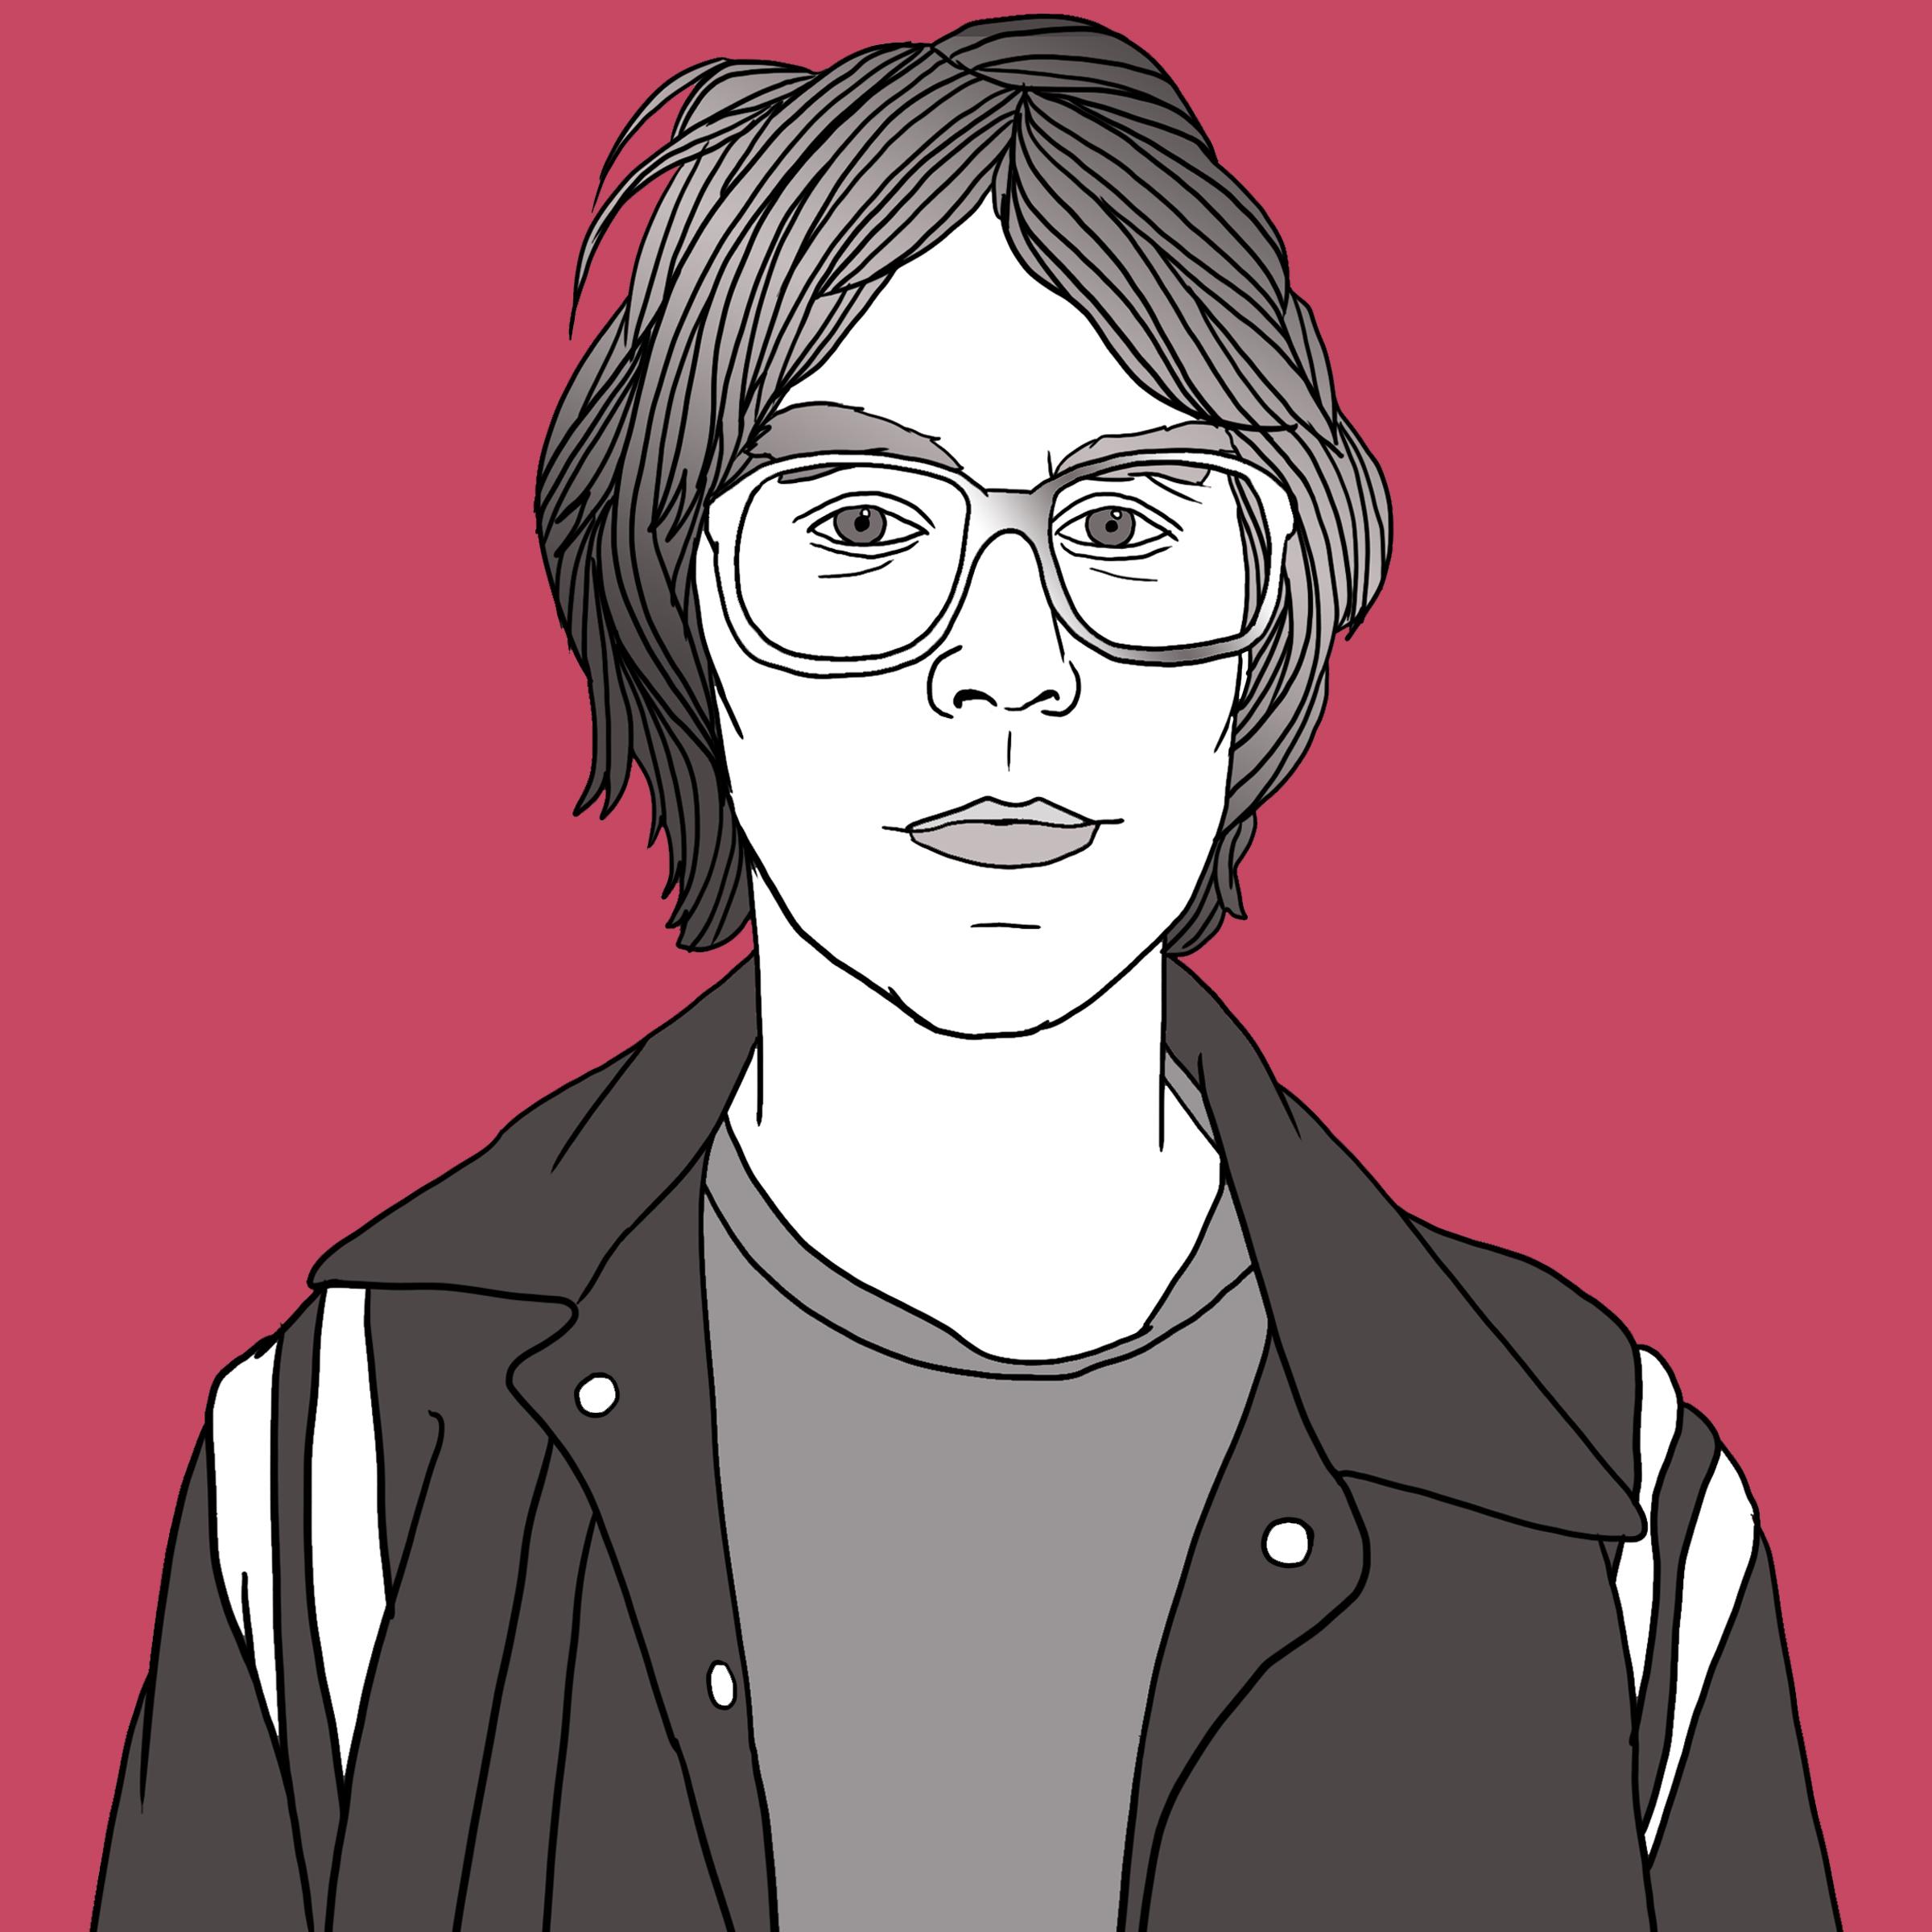 Illustration by Jess Rotter